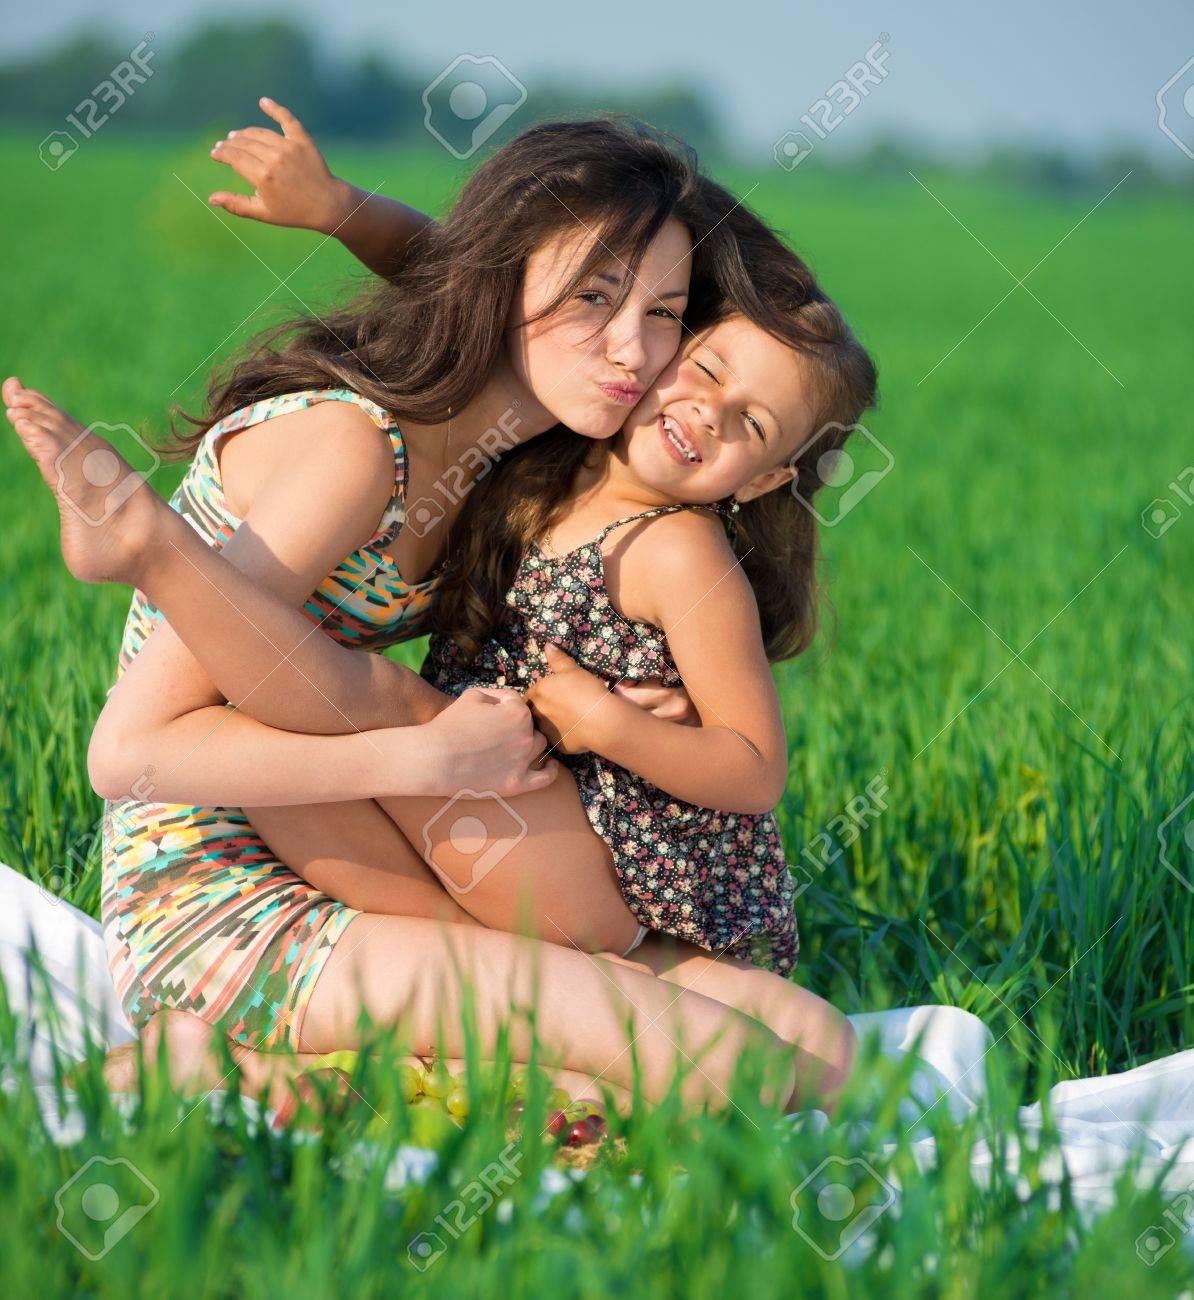 Фото мама и дочь на природе 9 фотография